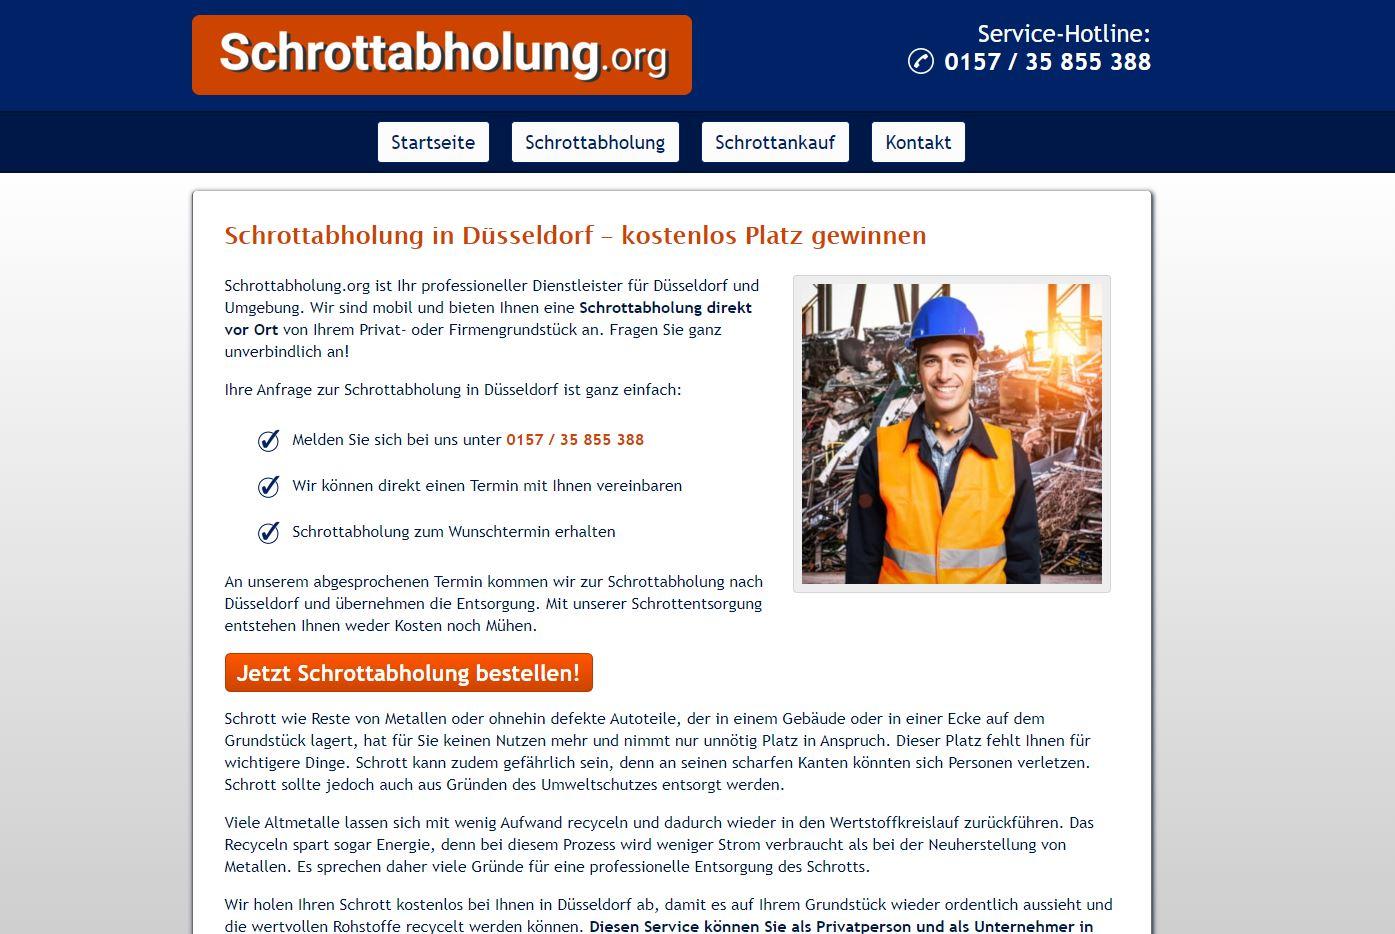 Einst als Klüngelskerle belächelt, sind die Schrotthändler in Düsseldorf heutzutage ein wichtiges Rad im Getriebe der Recycling-Industrie